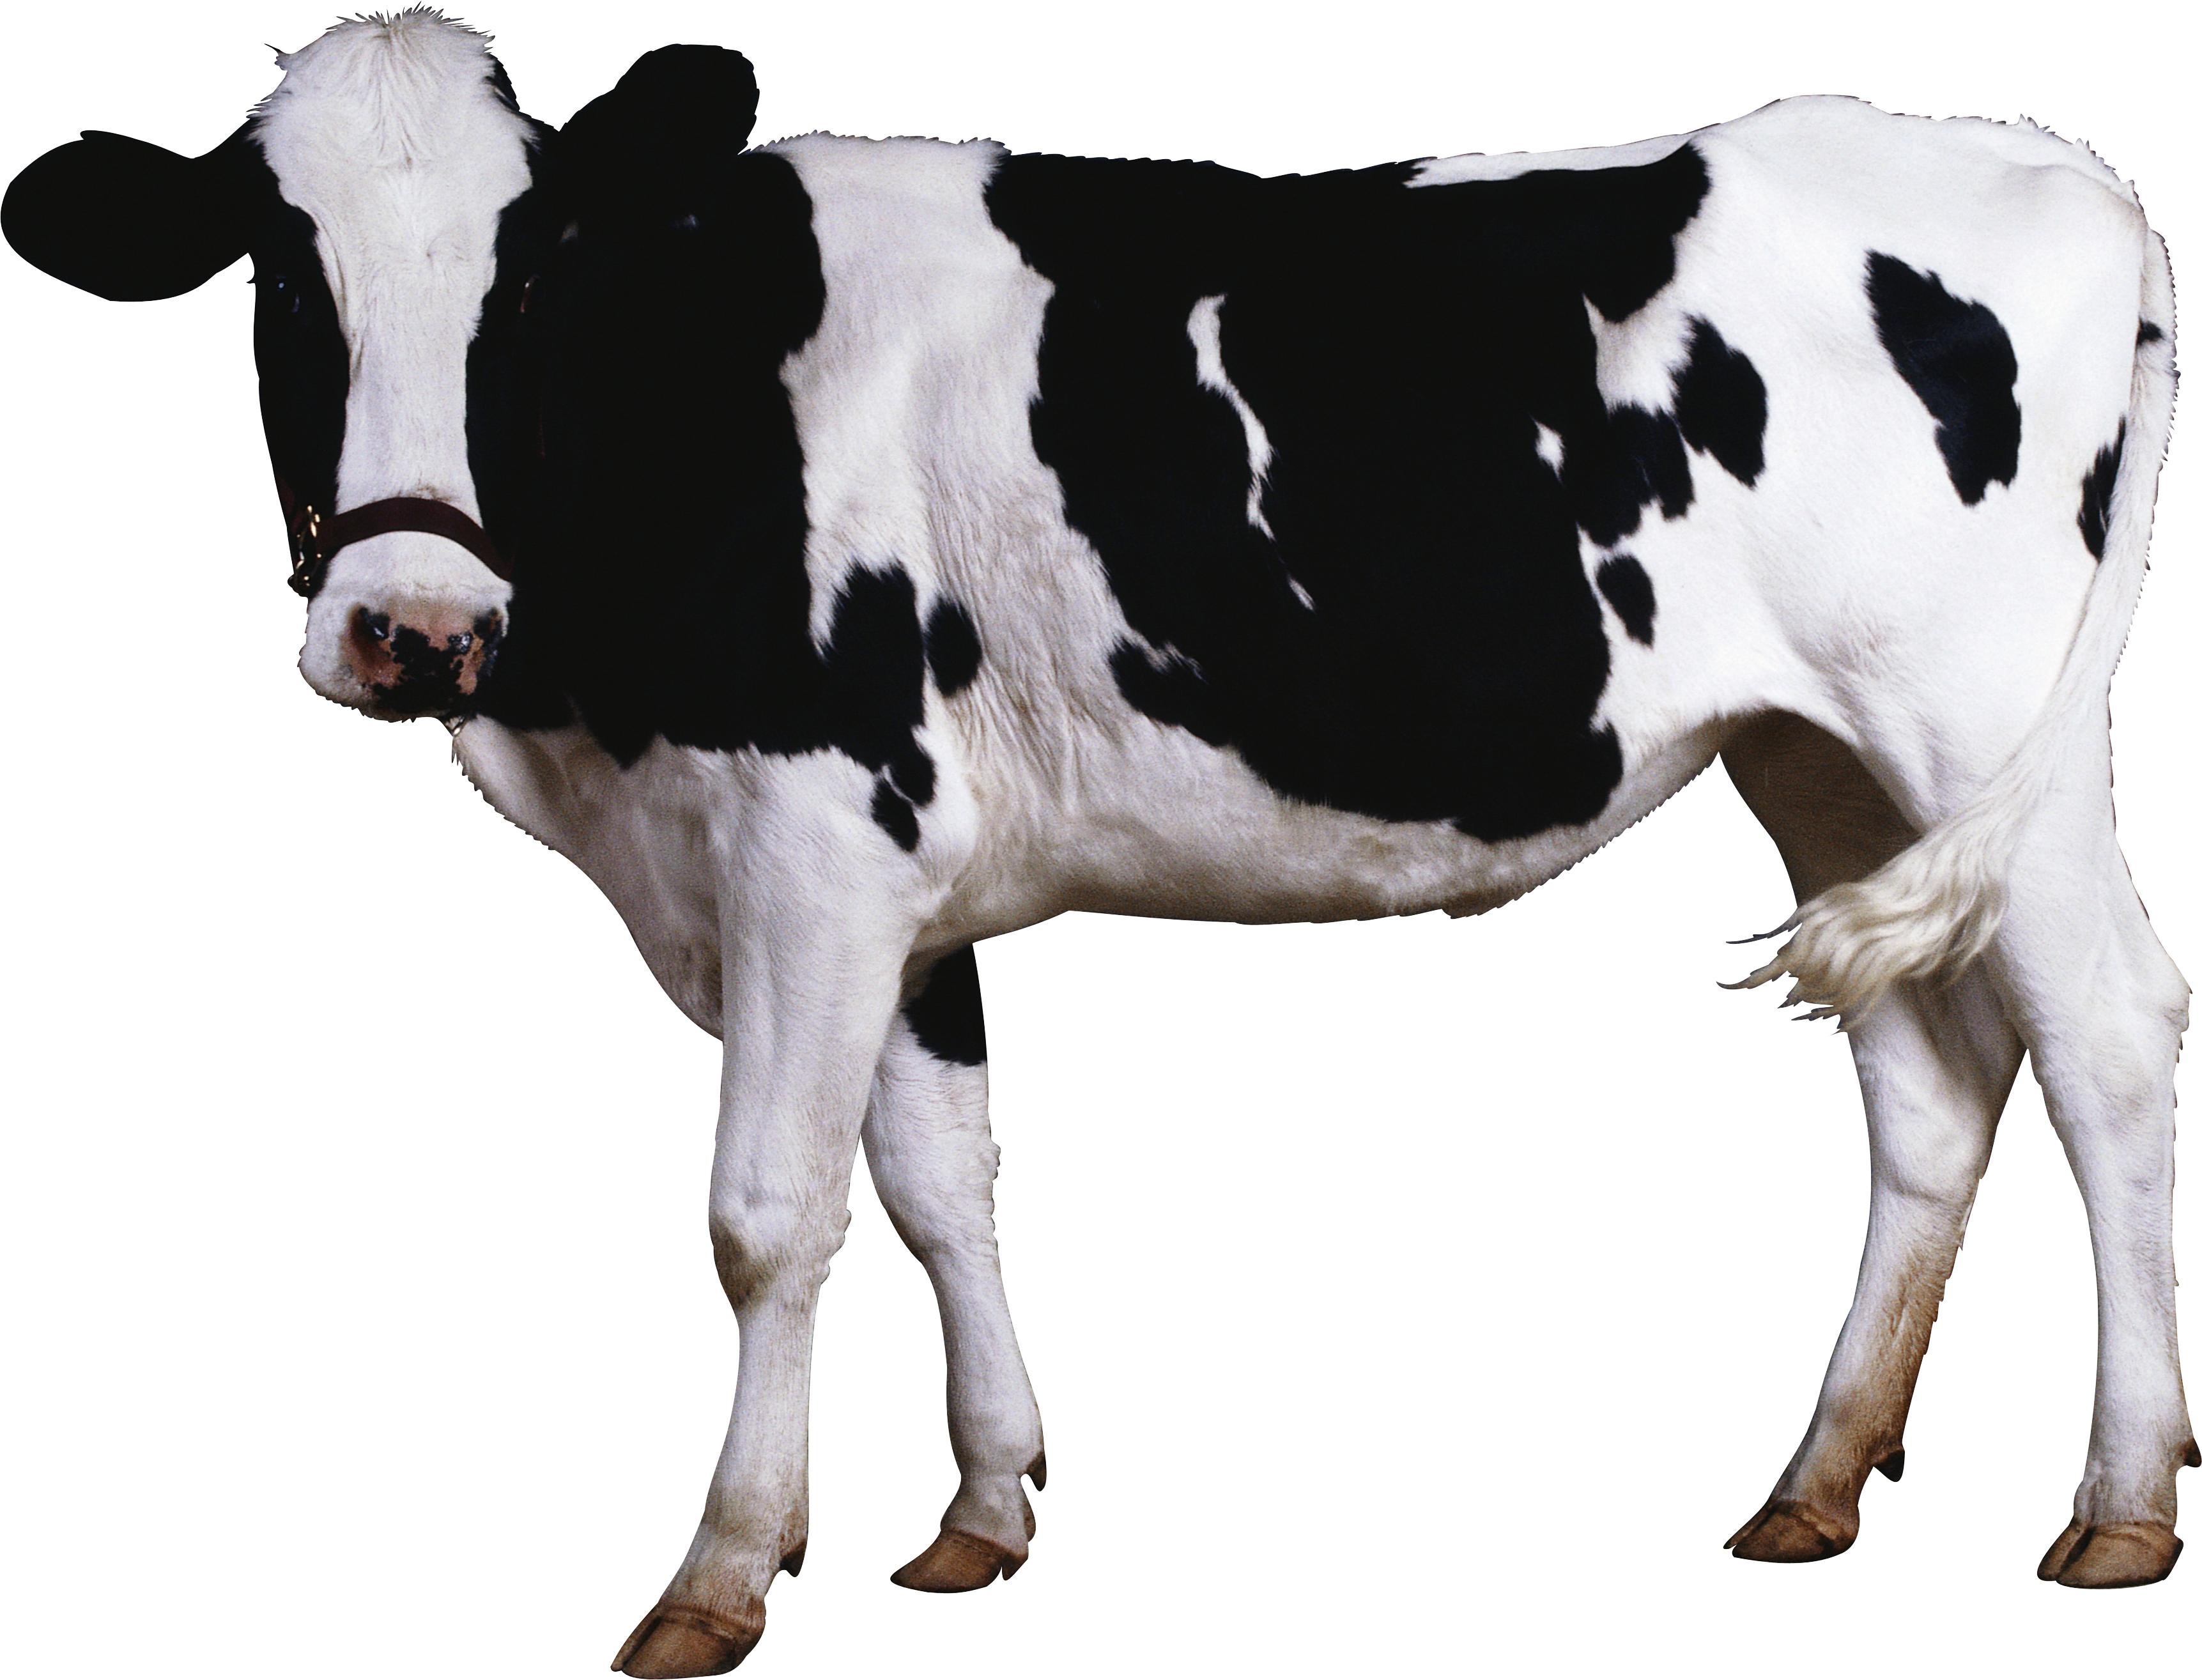 клипарт, скачать фото, обои на рабочий стол, пятнистая корова, cow